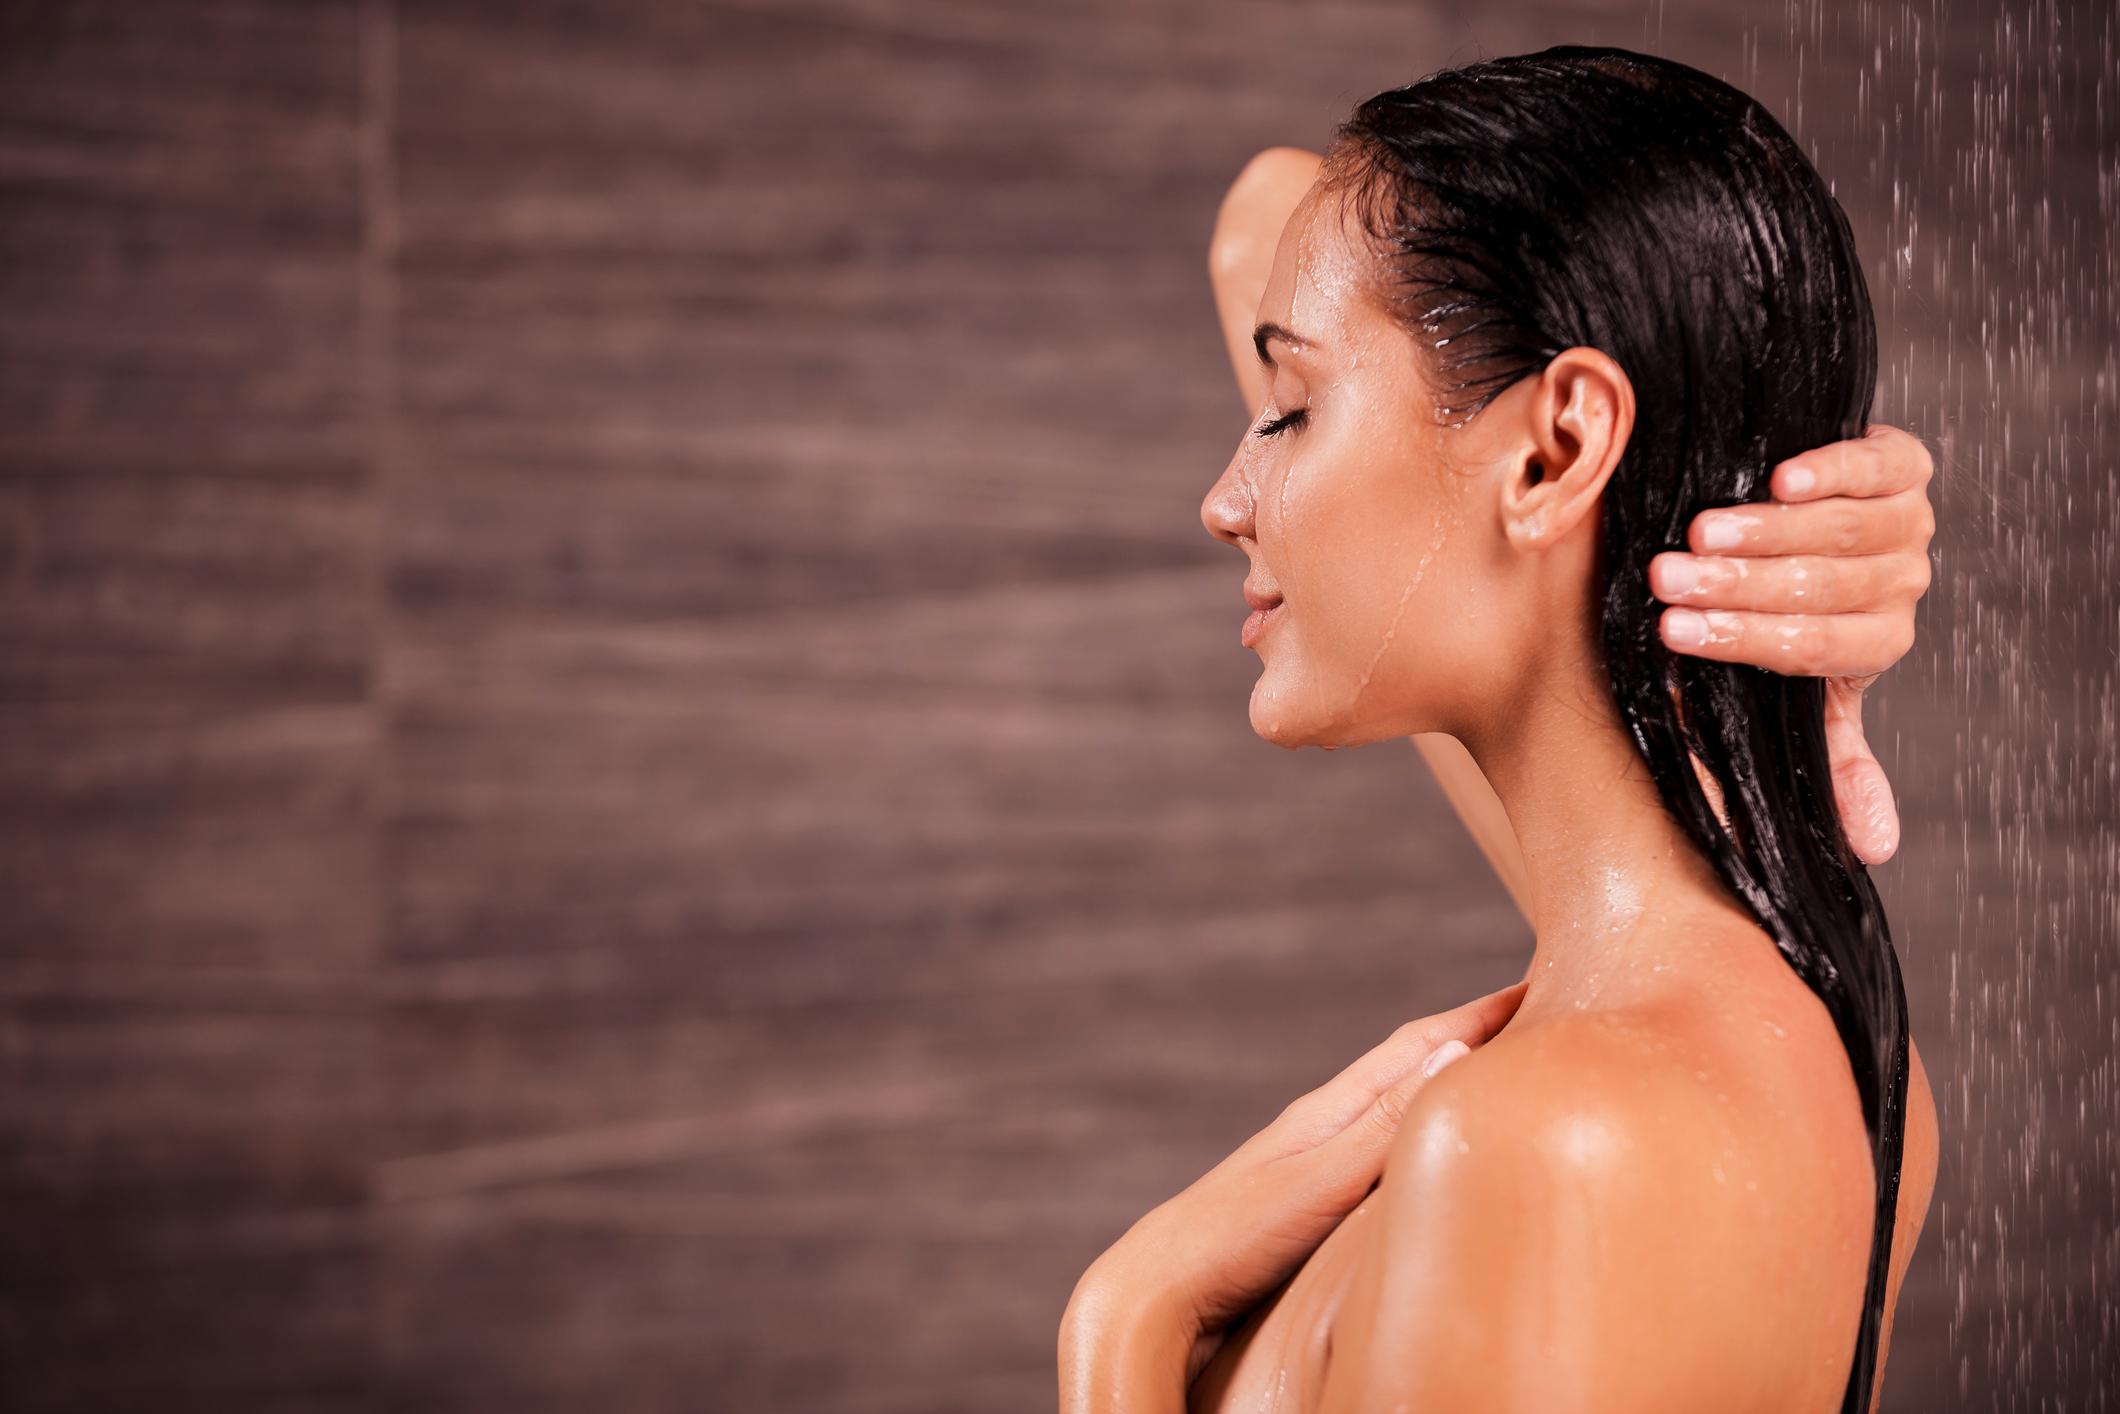 Manter o cabelo hidratado é um desafio para muitas mulheres. O desgaste no dia a dia danifica os fios. Veja dicas para melhorar a saúde do cabelo!